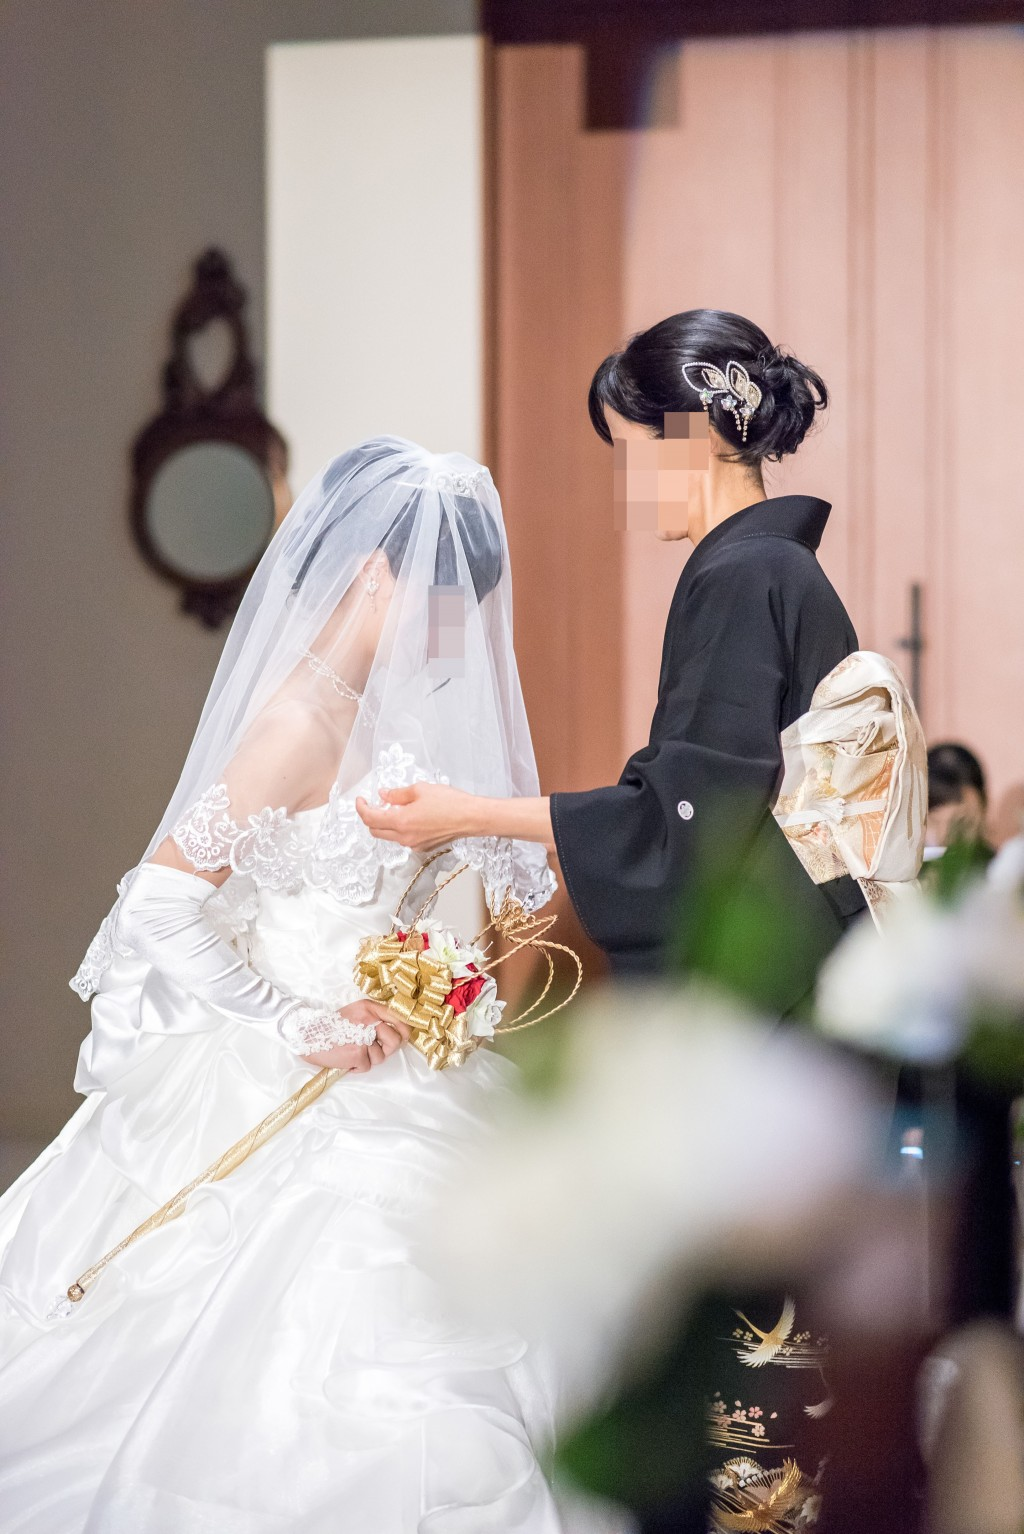 アニヴェルセルみなとみらい横浜 結婚式レポブログ チャペルでの挙式(神前式)